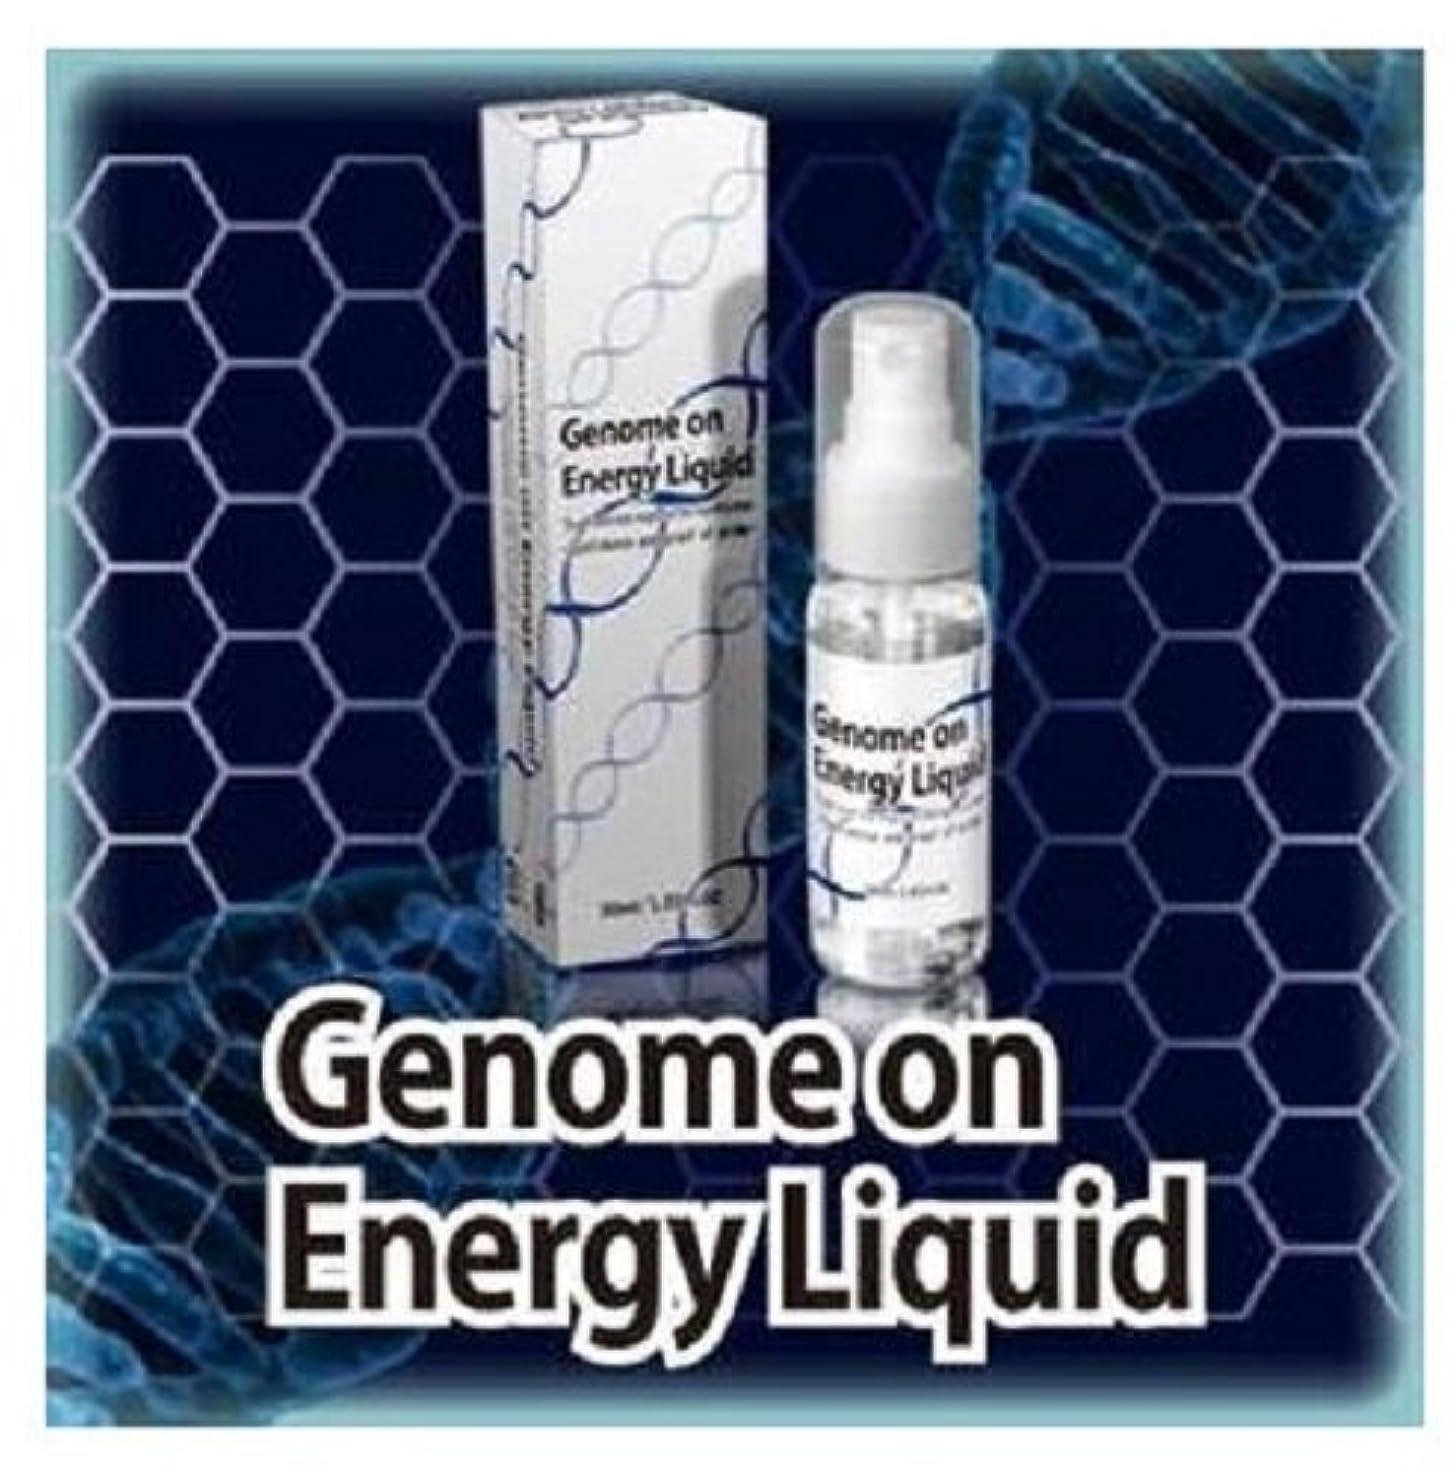 その後プラグ助けてゲノムオンエナジーリキッド Genome on Energy Liquid